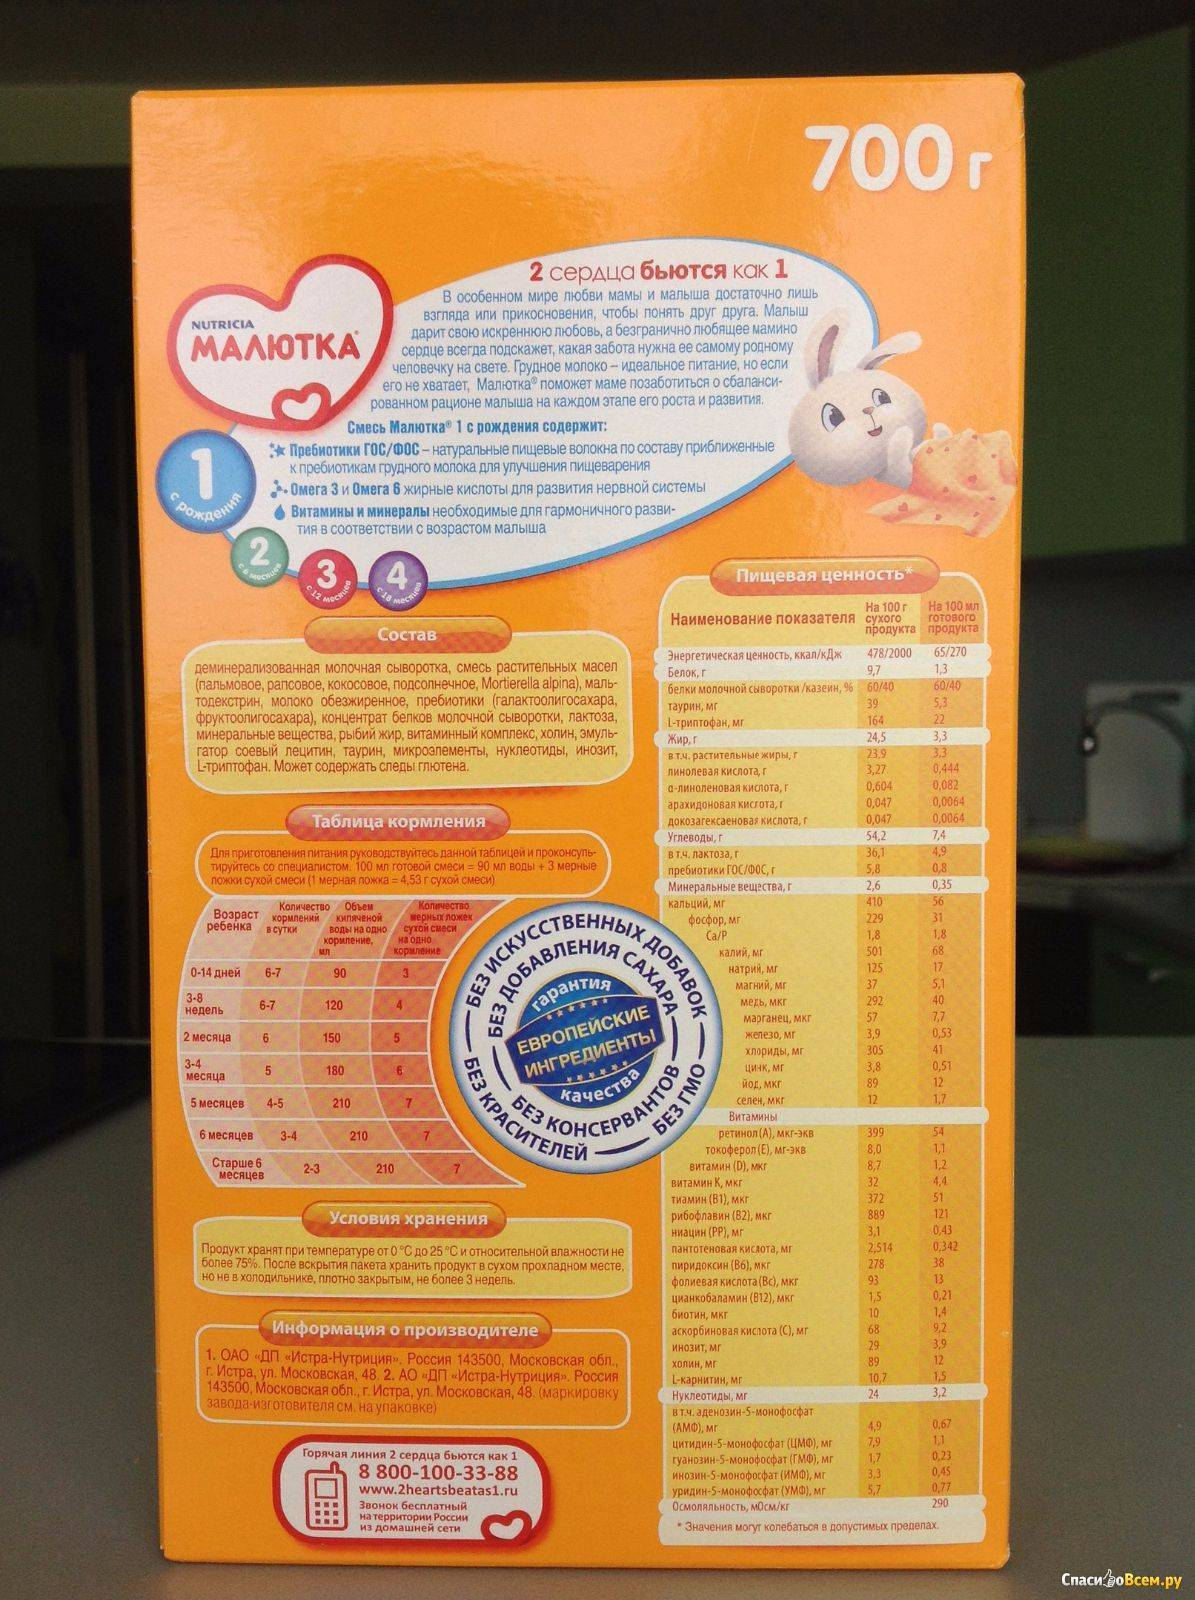 Детская смесь малютка для новорожденных: отзывы педиатров и мам, фото, инструкция как разводить